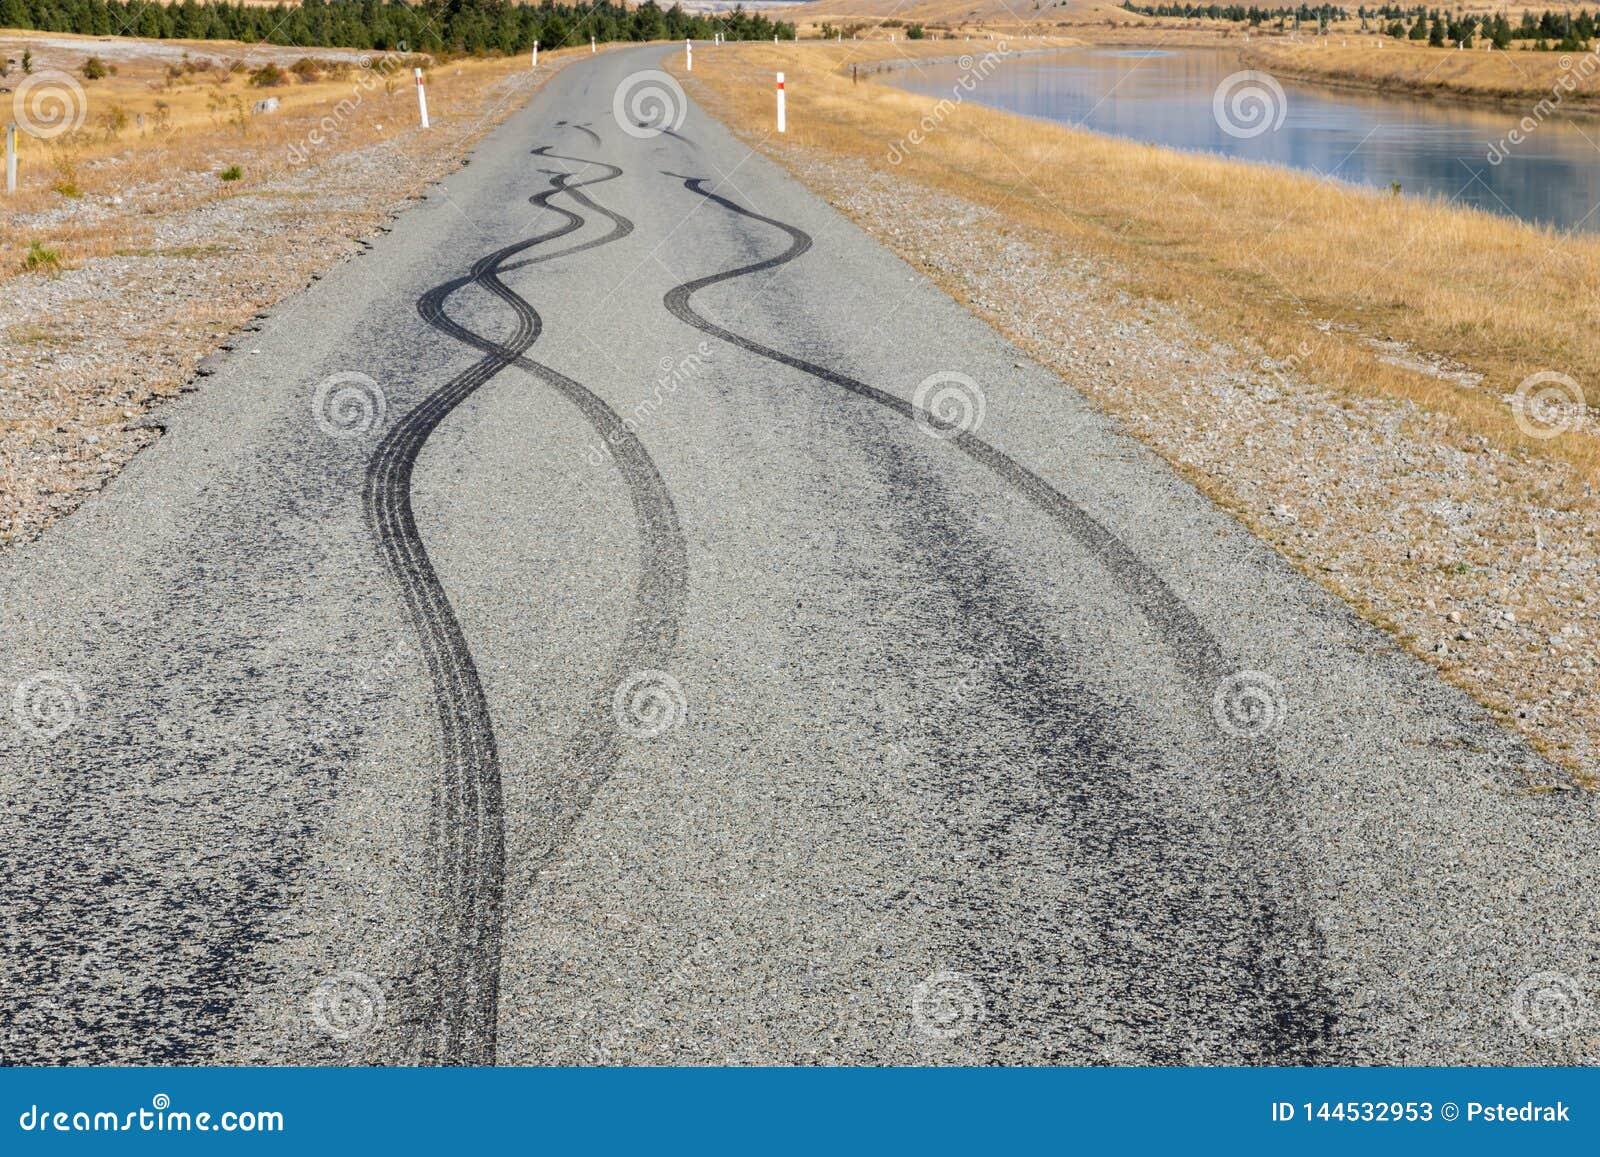 Marcas de patim de borracha pretas do pneumático na estrada do alcatrão